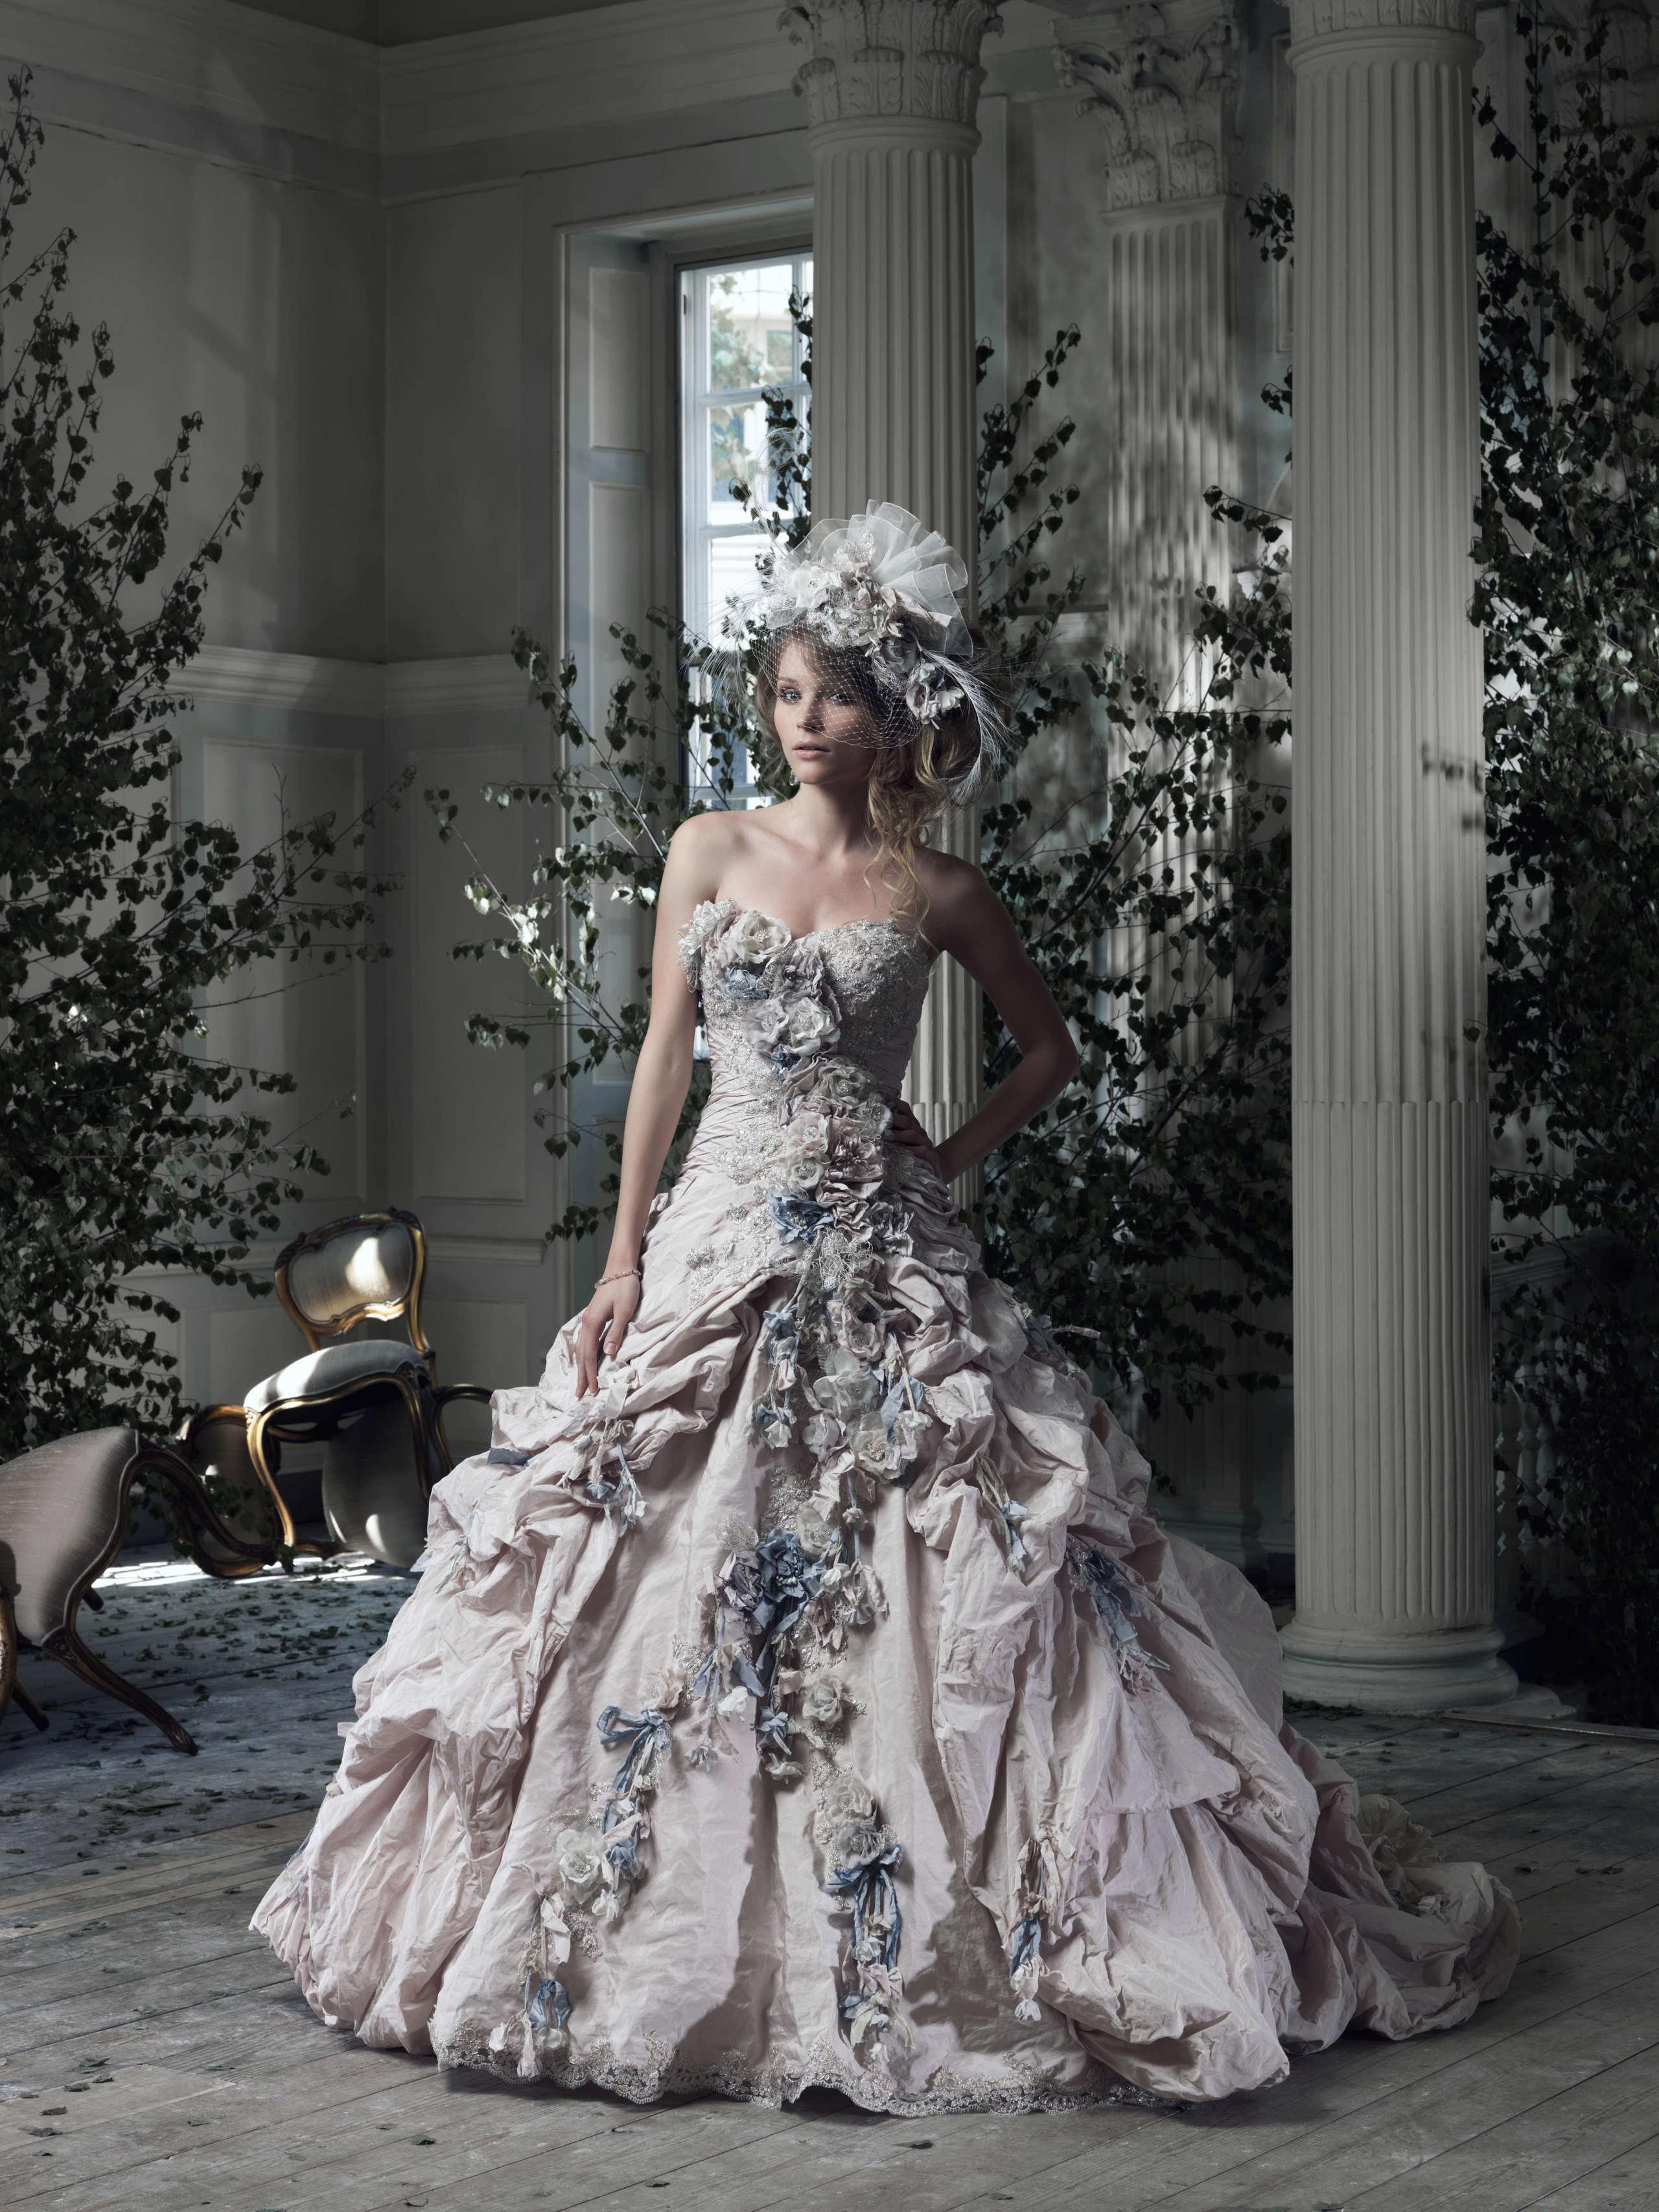 مجموعة فساتين زفاف متنوعة P_151222